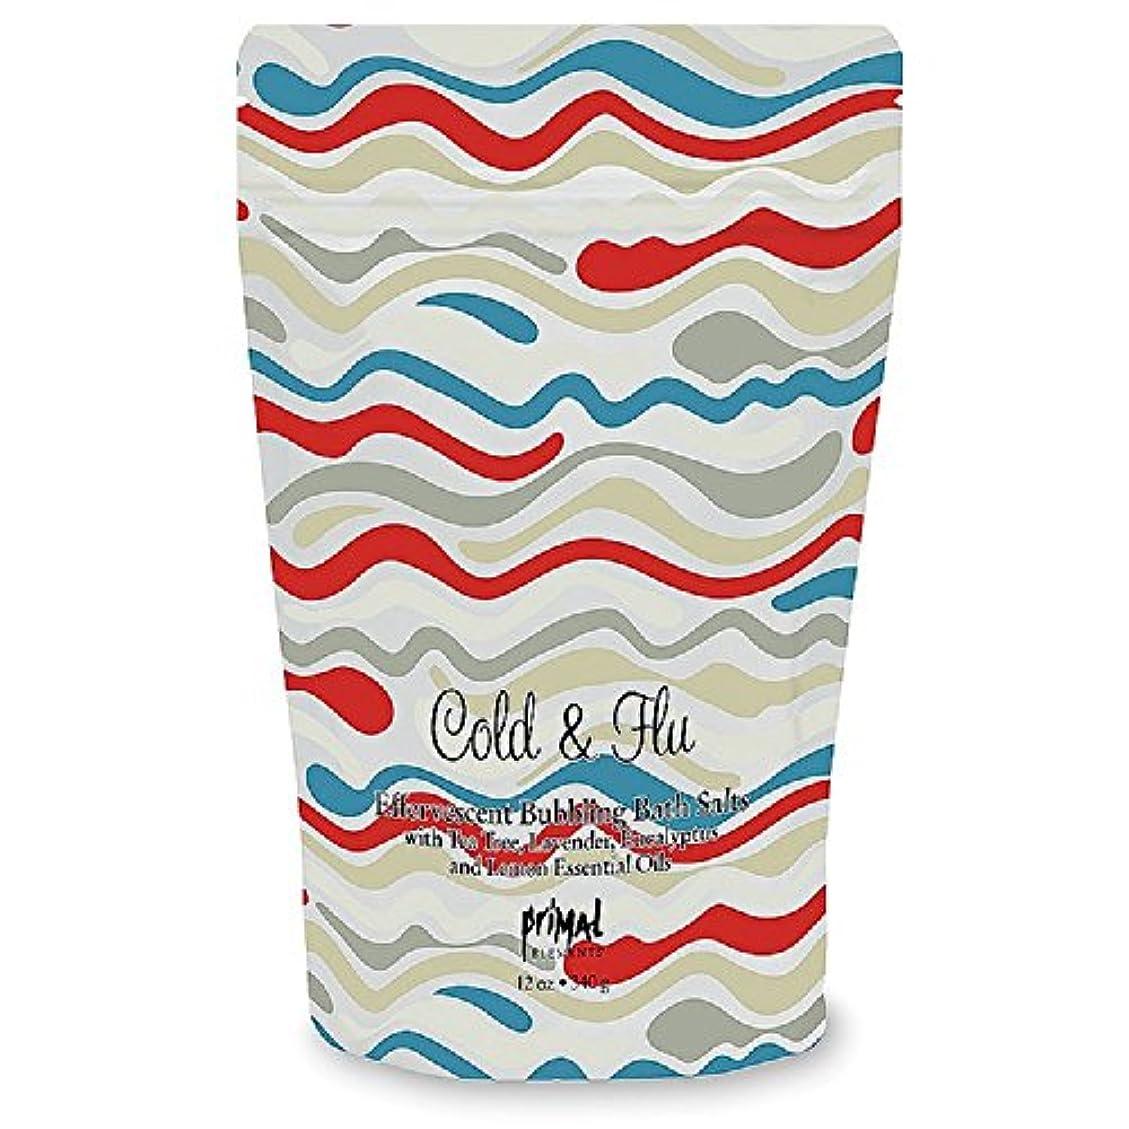 プライモールエレメンツ バブリング バスソルト/コールド&フルー 340g エプソムソルト含有 アロマの香りがひろがる泡立つ入浴剤